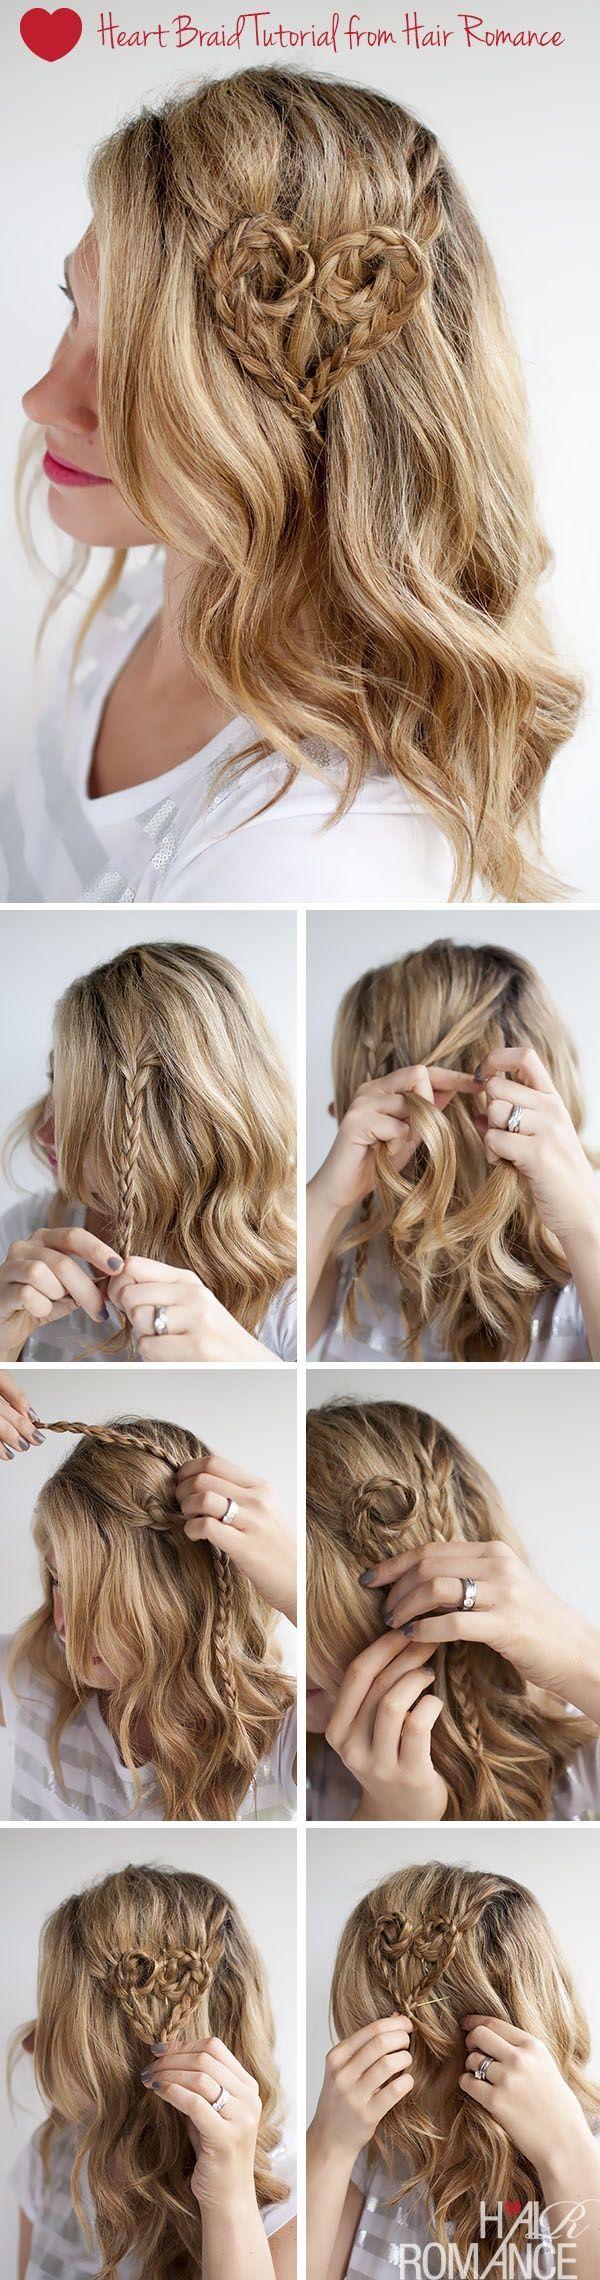 #braid #hair #hairdo #hairstyles #hairstylesforlonghair #hairtips #tutorial #DIY #stepbystep #longhair #howto #practical #guide